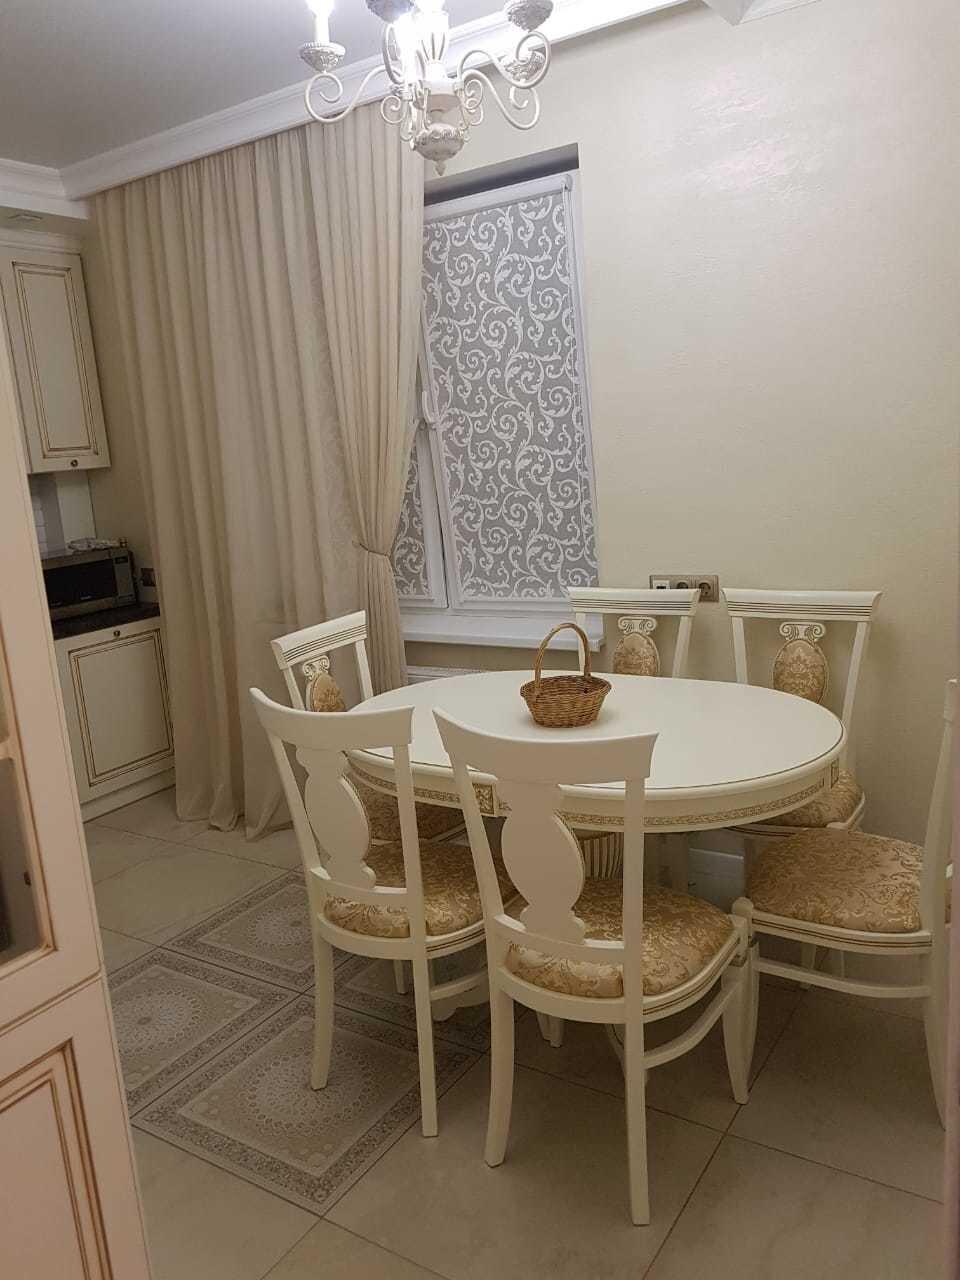 Овальный обеденный стол из массива бука раздвижной Размер 90*130 (+50 ) см. цвет слоновая кость с золотой патиной - фото pic_15ce154c6f8056dc7123c9c8d058eabc_1920x9000_1.jpg